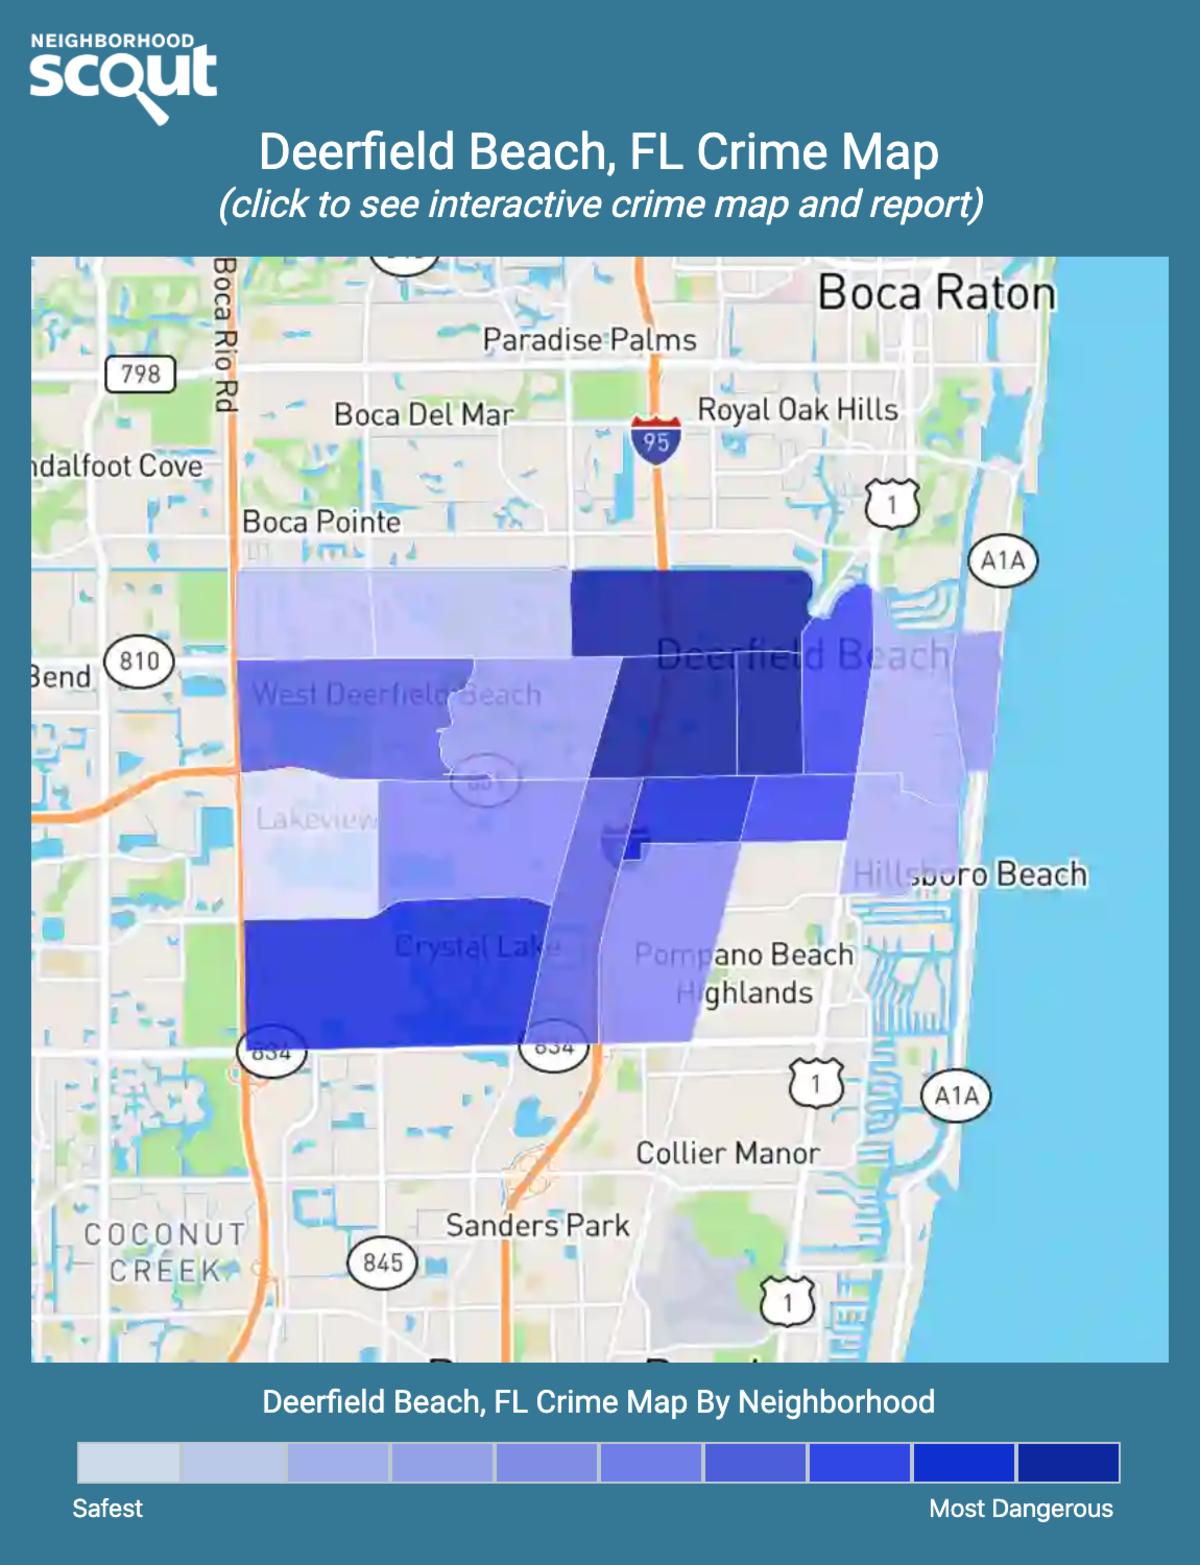 Deerfield Beach, Florida crime map